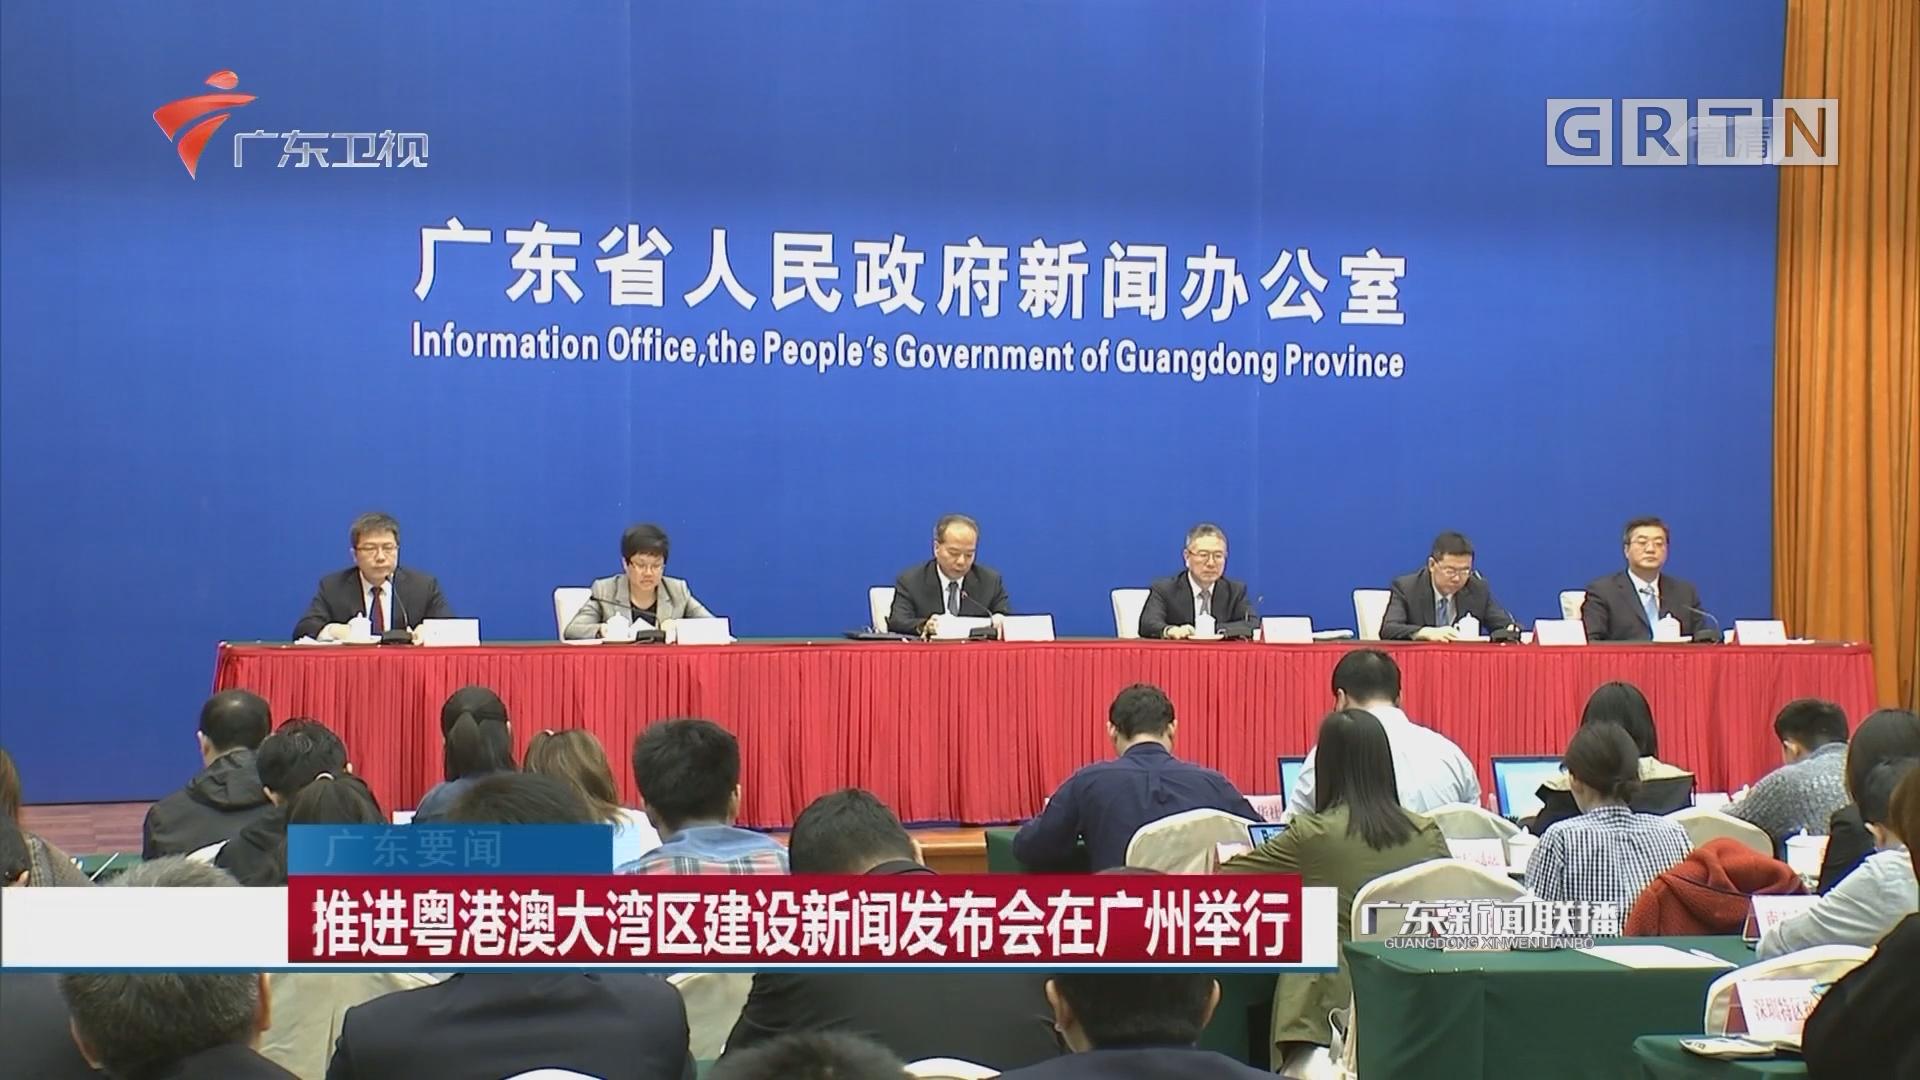 推进粤港澳大湾区建设新闻发布会在广州举行